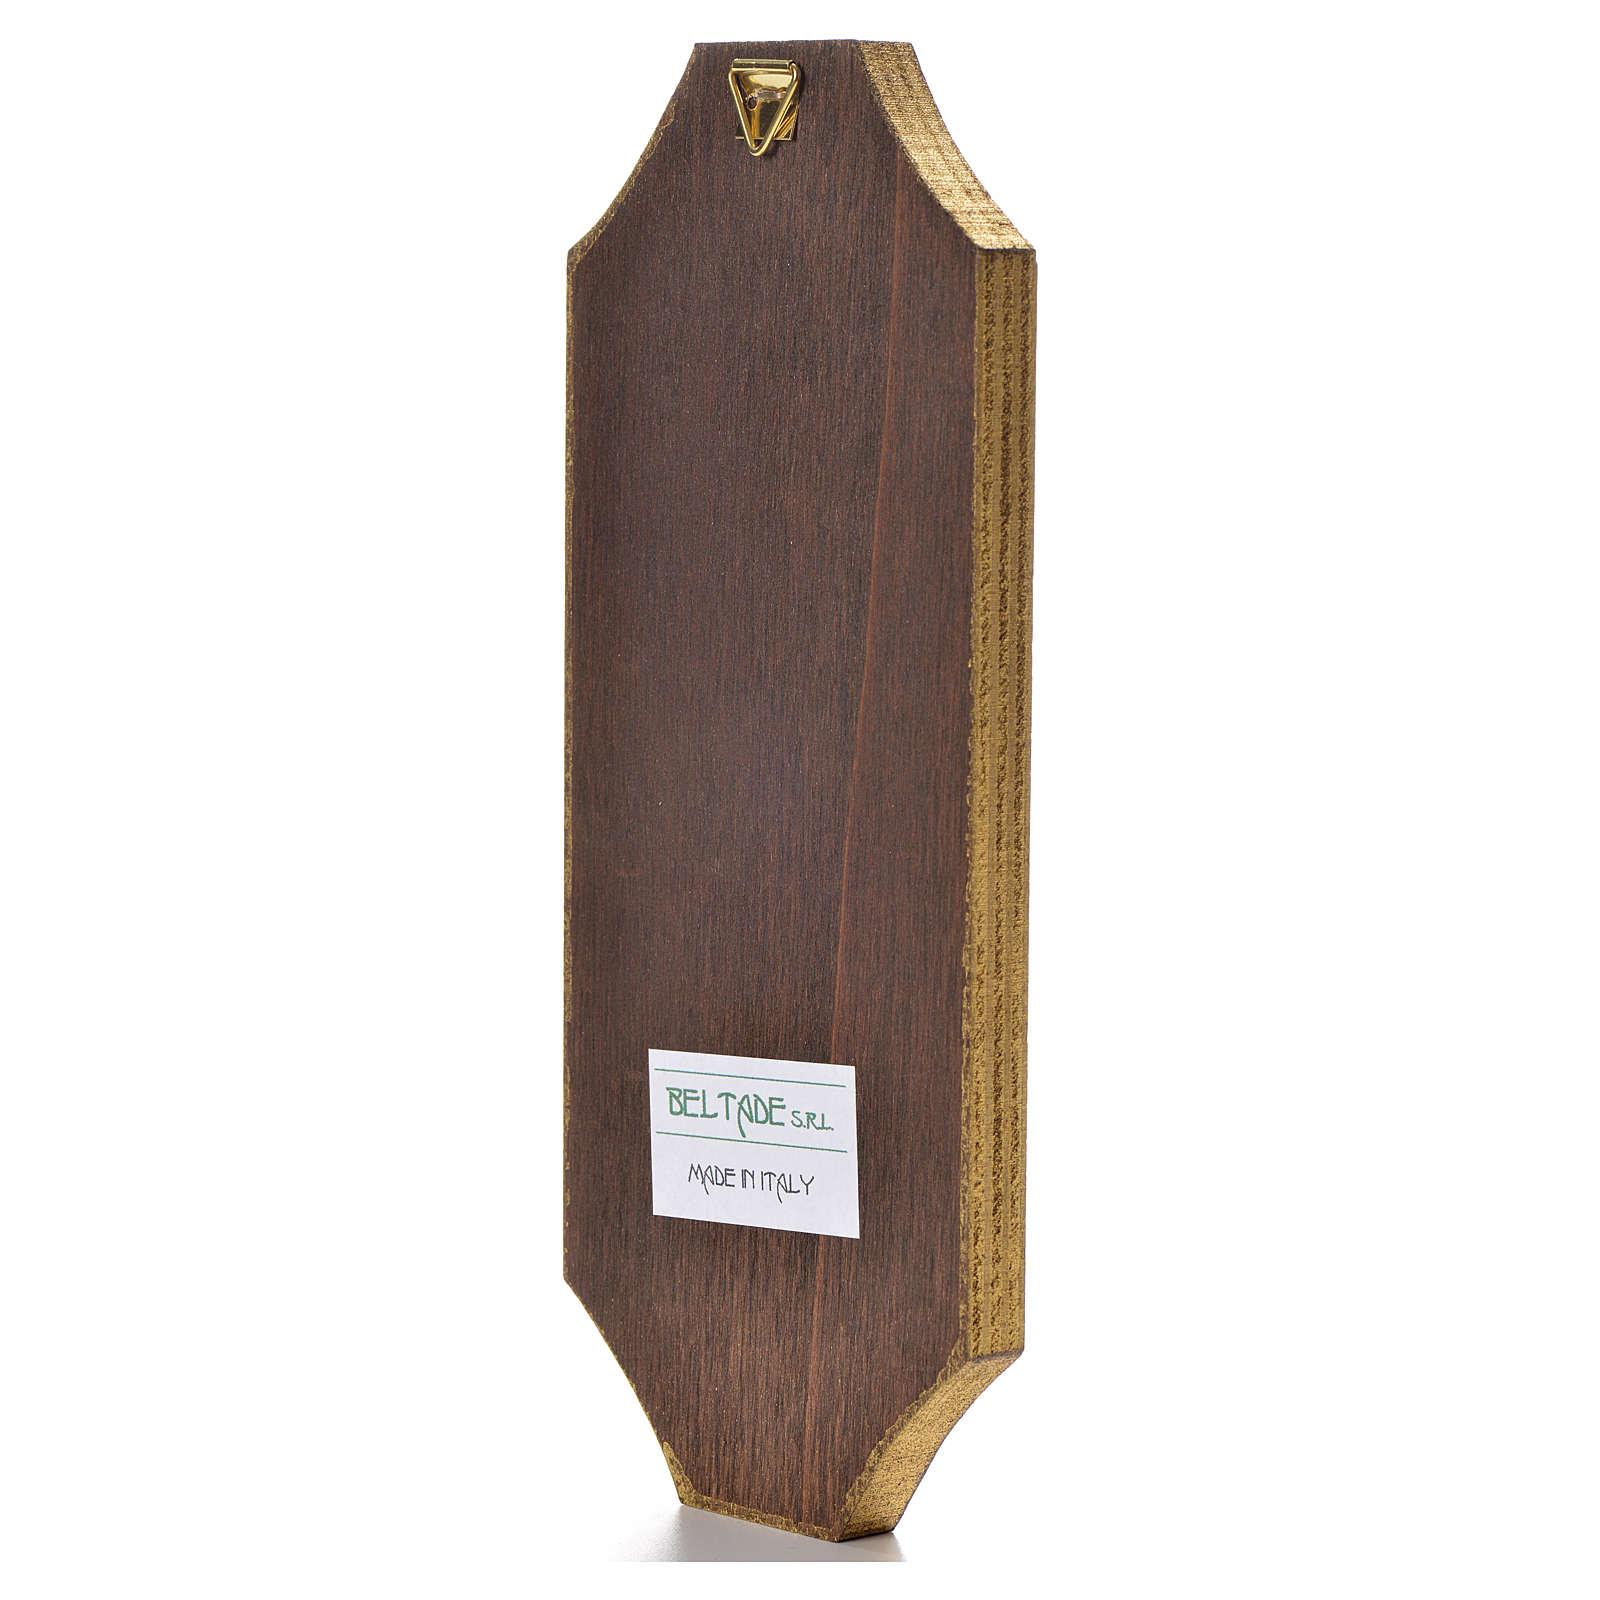 Tavola sagomata 18,5x7,5 cm Adorazione del bambino 3